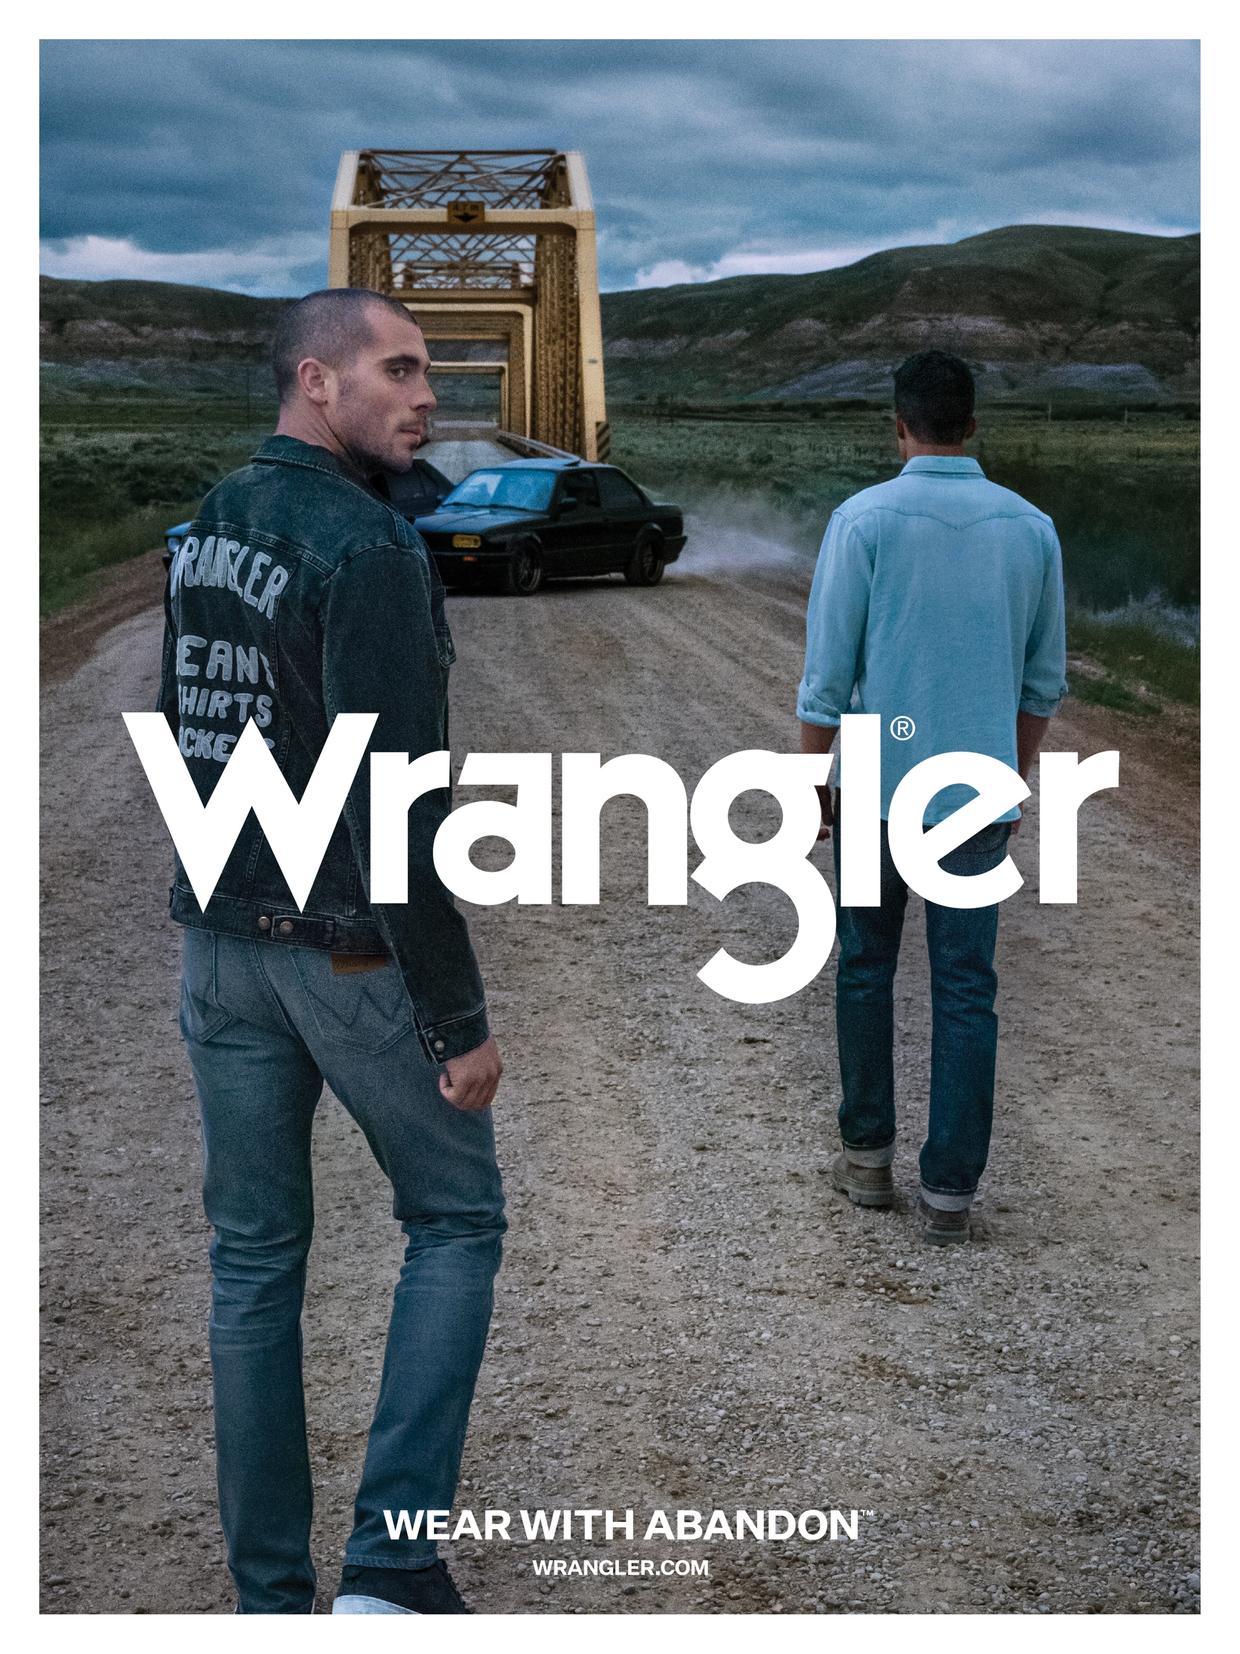 Wrangler - Drift (Spread)